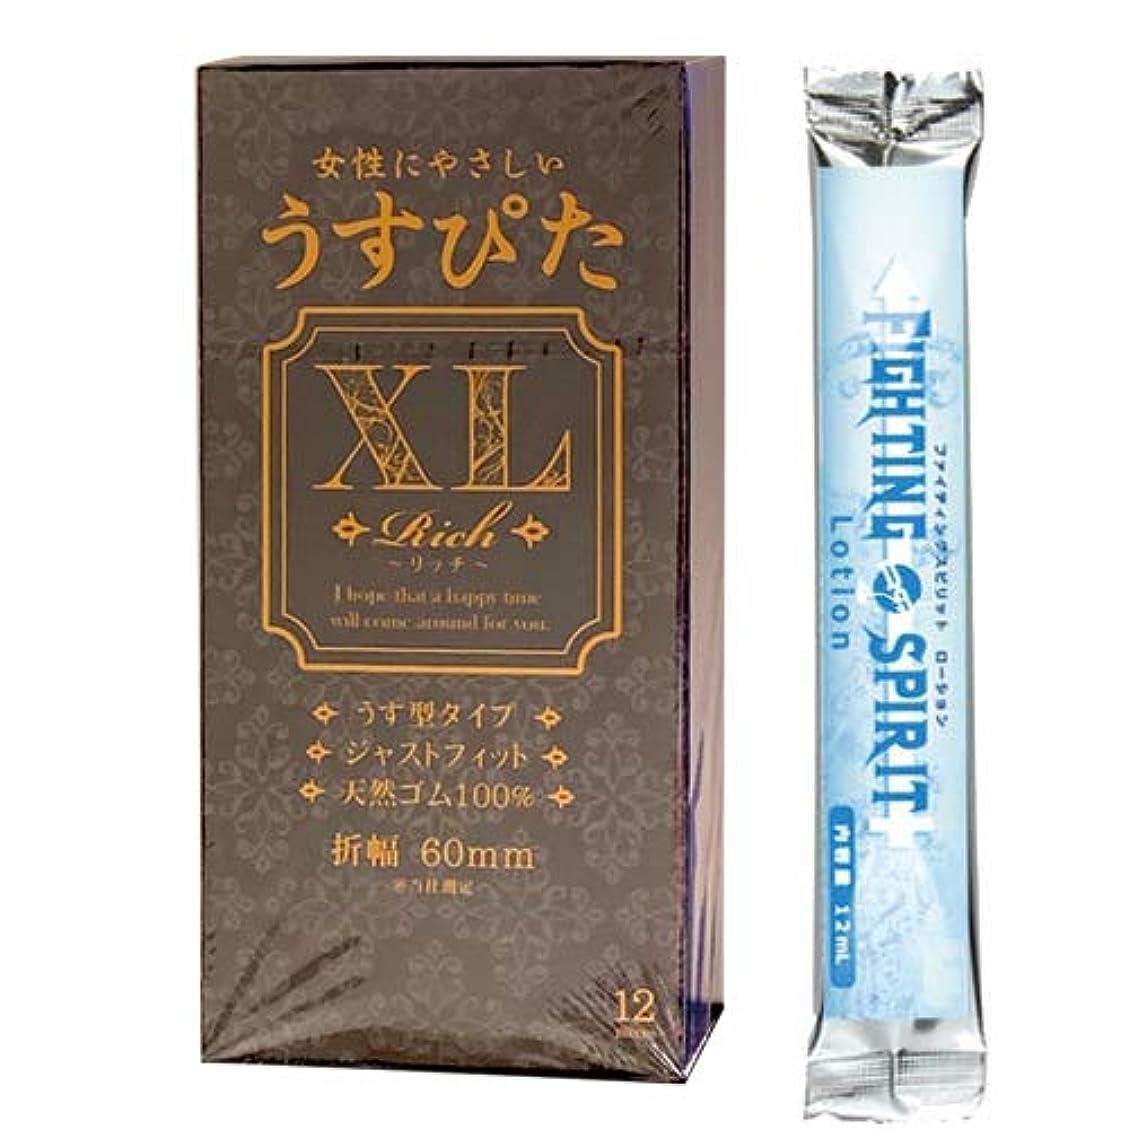 検証下線木材ジャパンメディカル うすぴた XL Rich(リッチ)コンドーム 12個入 + ファイティングスピリットローション12mL